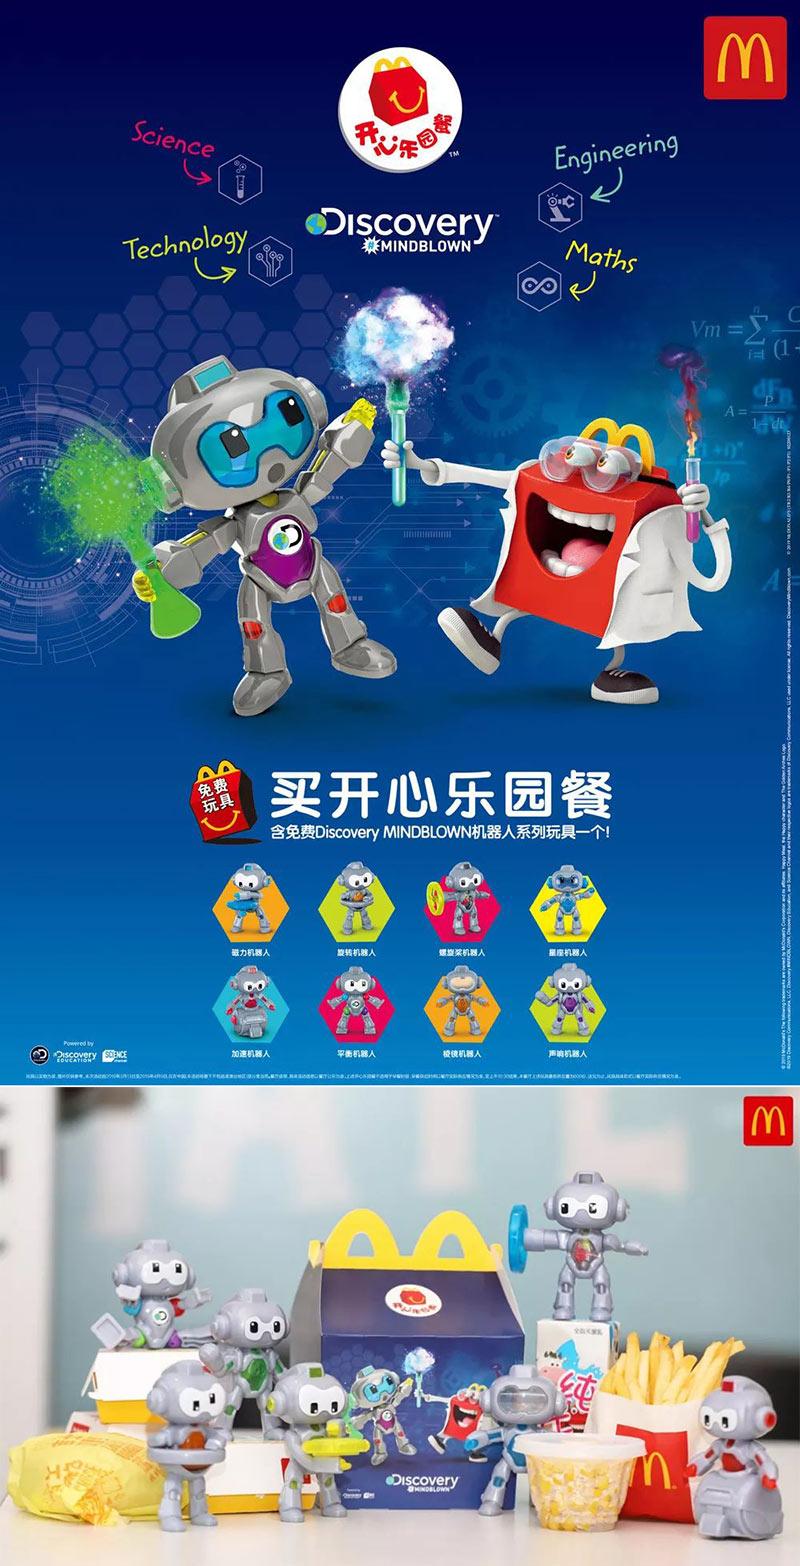 麦当劳开心乐园餐2019年3月4月免费Discovery MINDBLOWN玩具